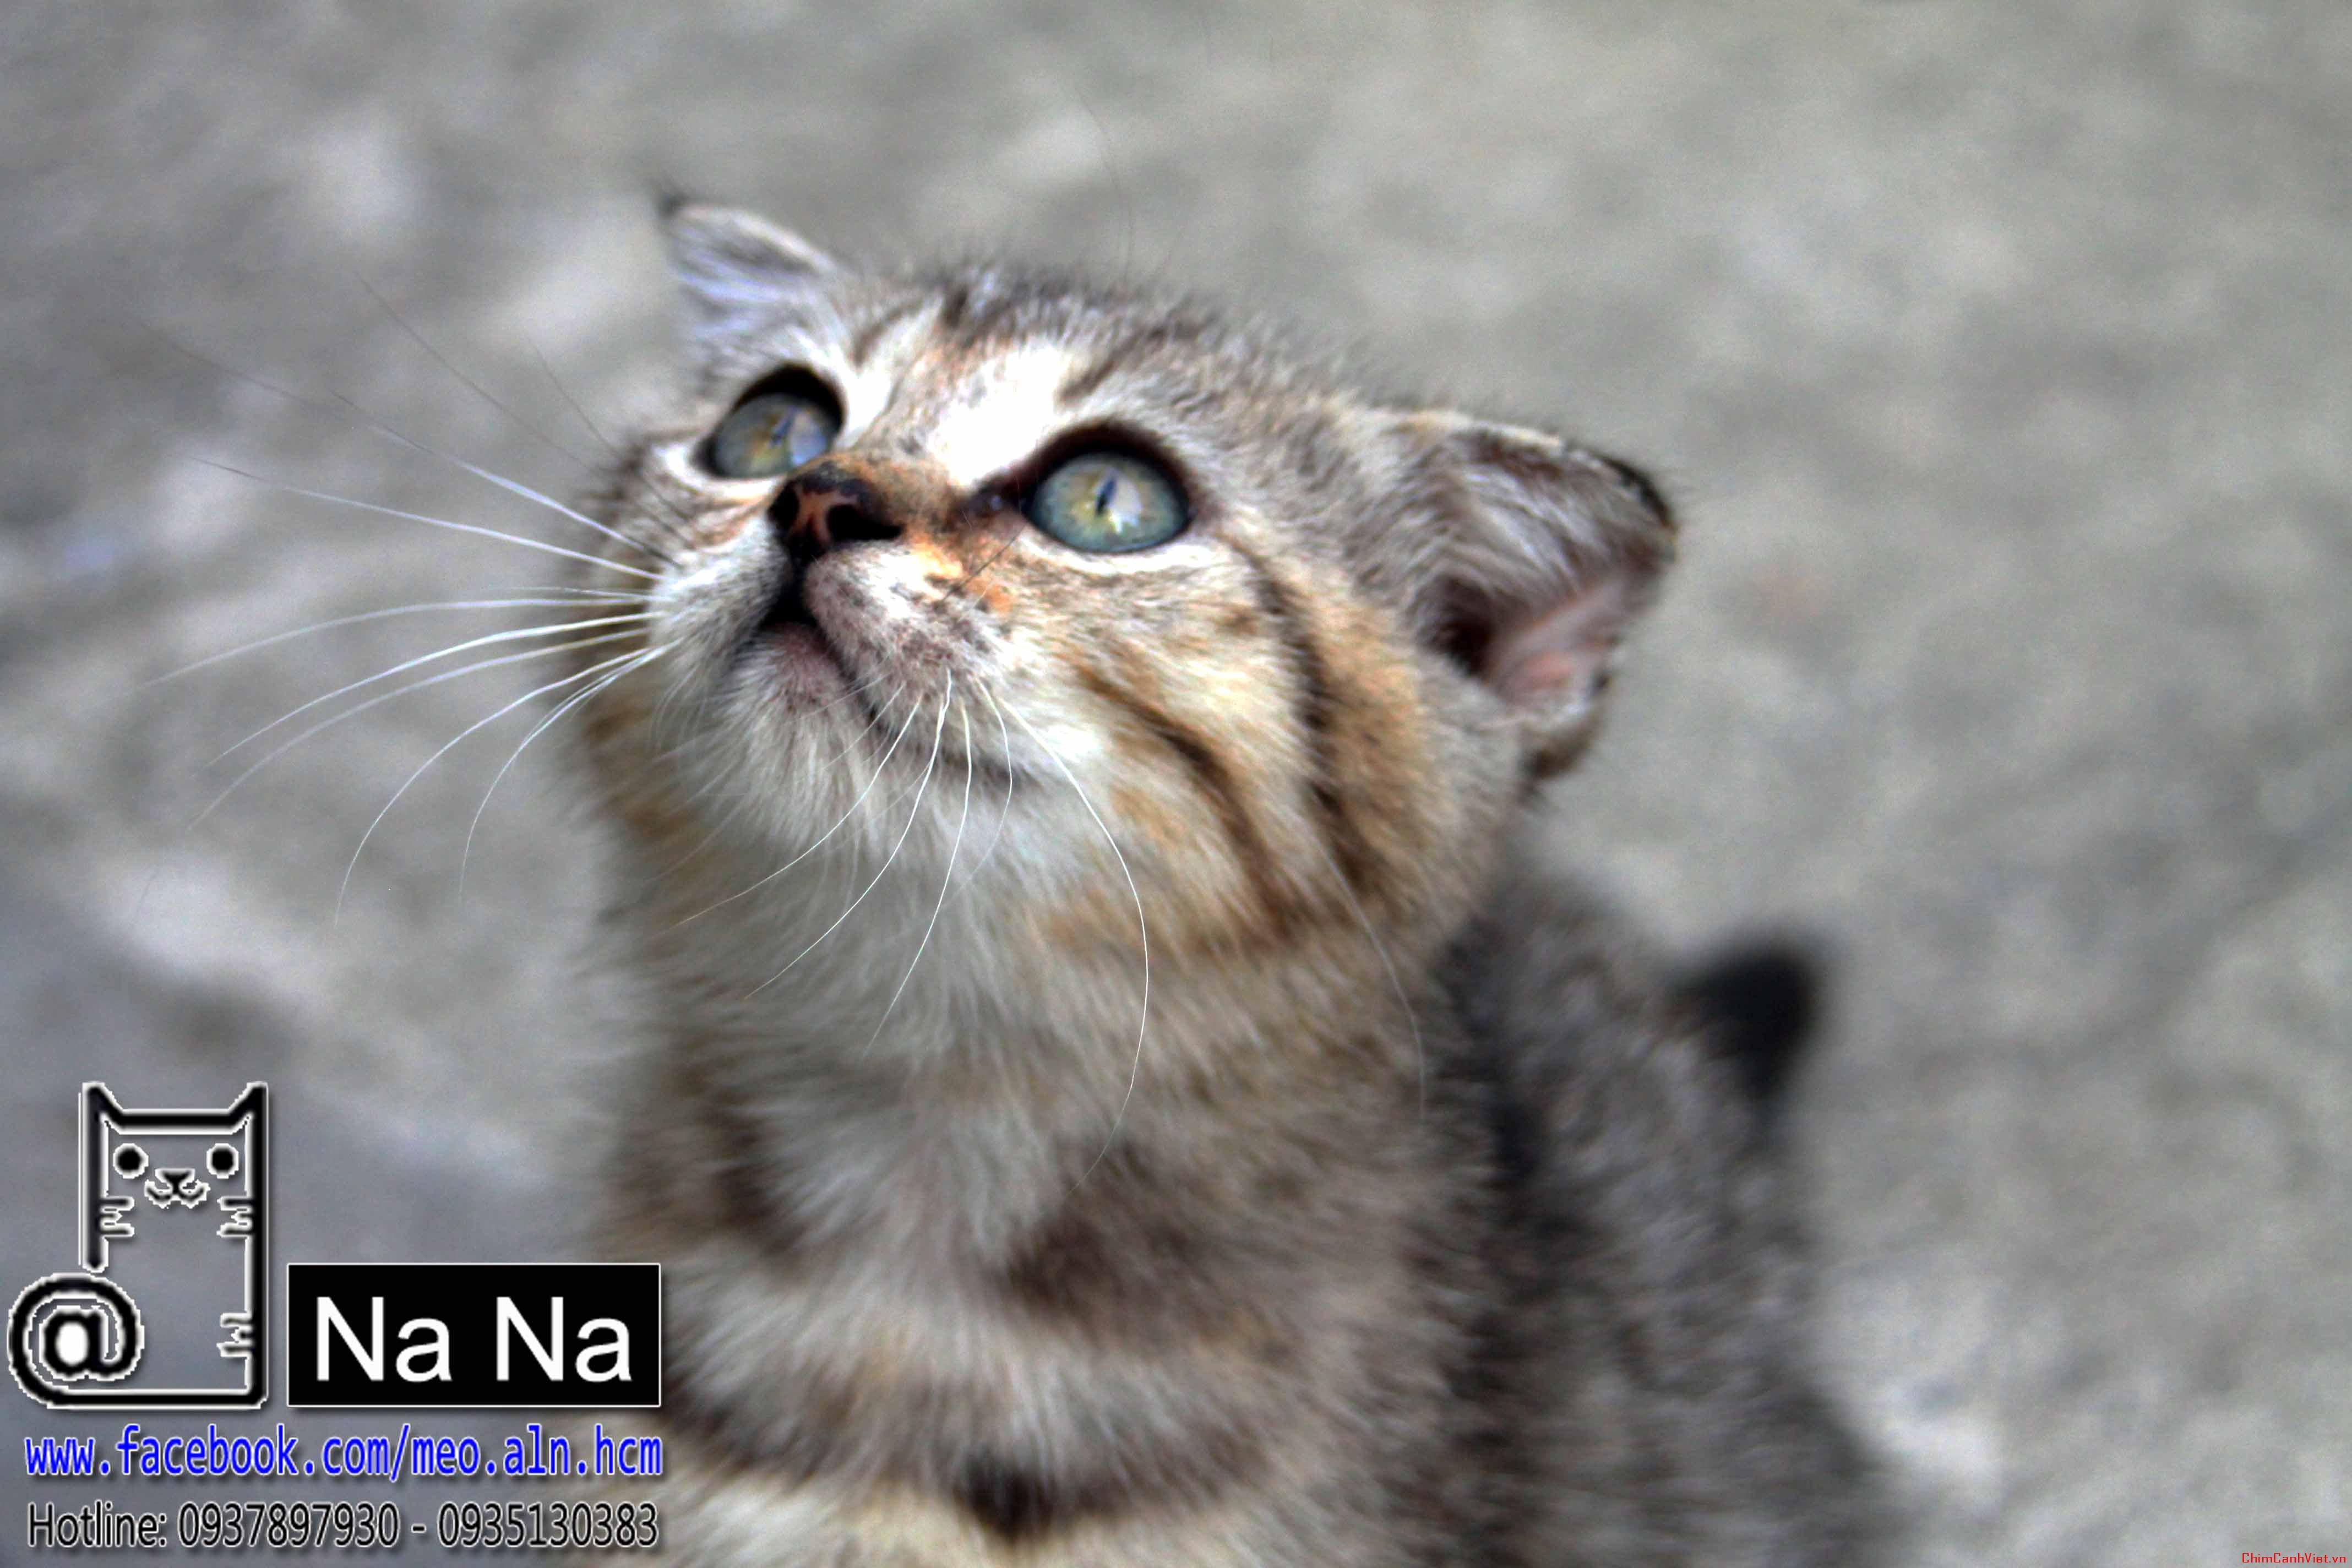 mèo aln, mèo anh lông ngắn, meo aln thuan chung, bán mèo aln tphcm, mèo aln thuần chủng (0).JPG